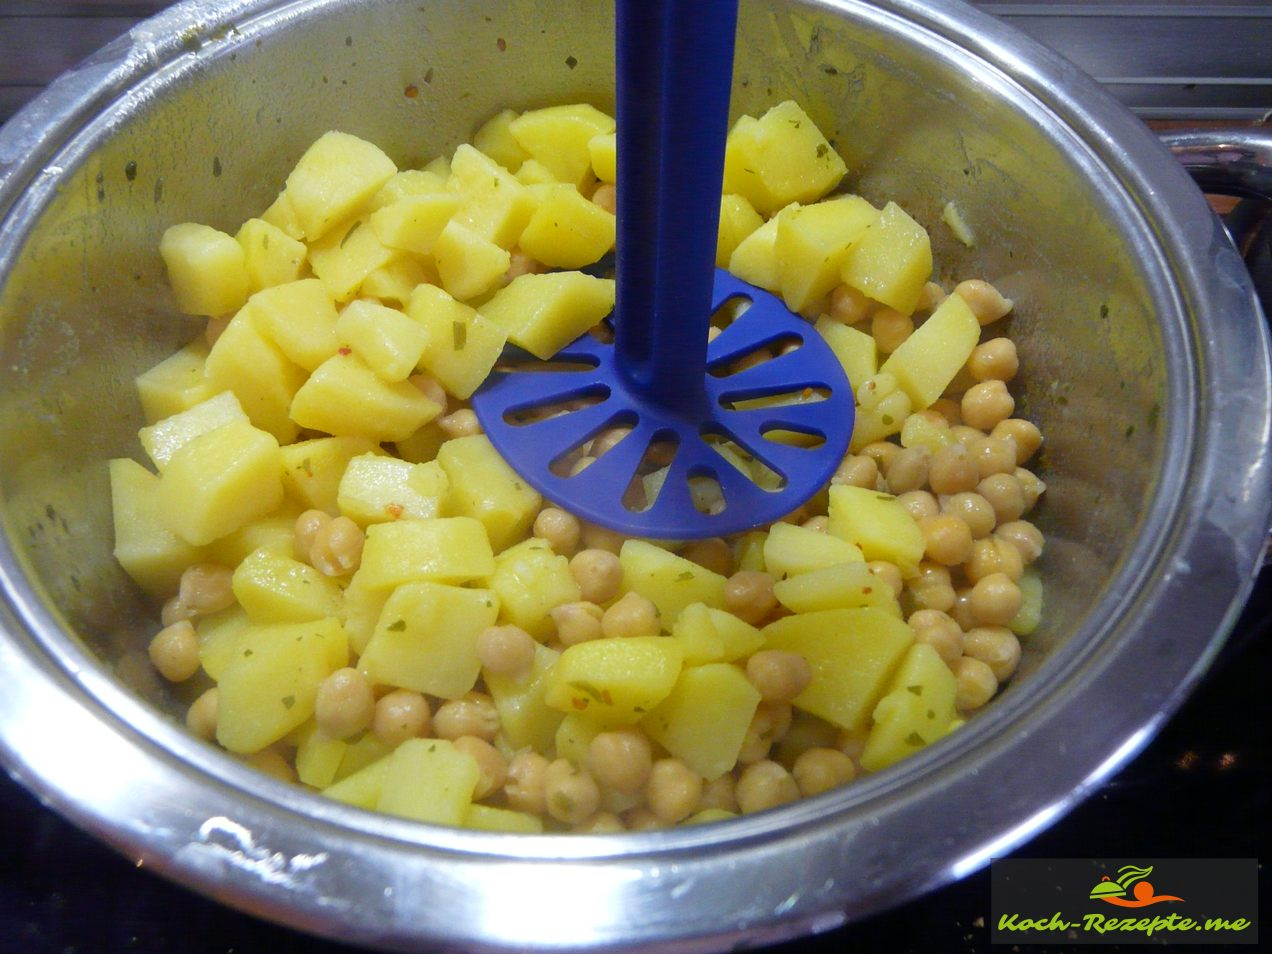 gekochte Kartoffeln mit Kichererbsen ,Milch, Butter fein stampfen